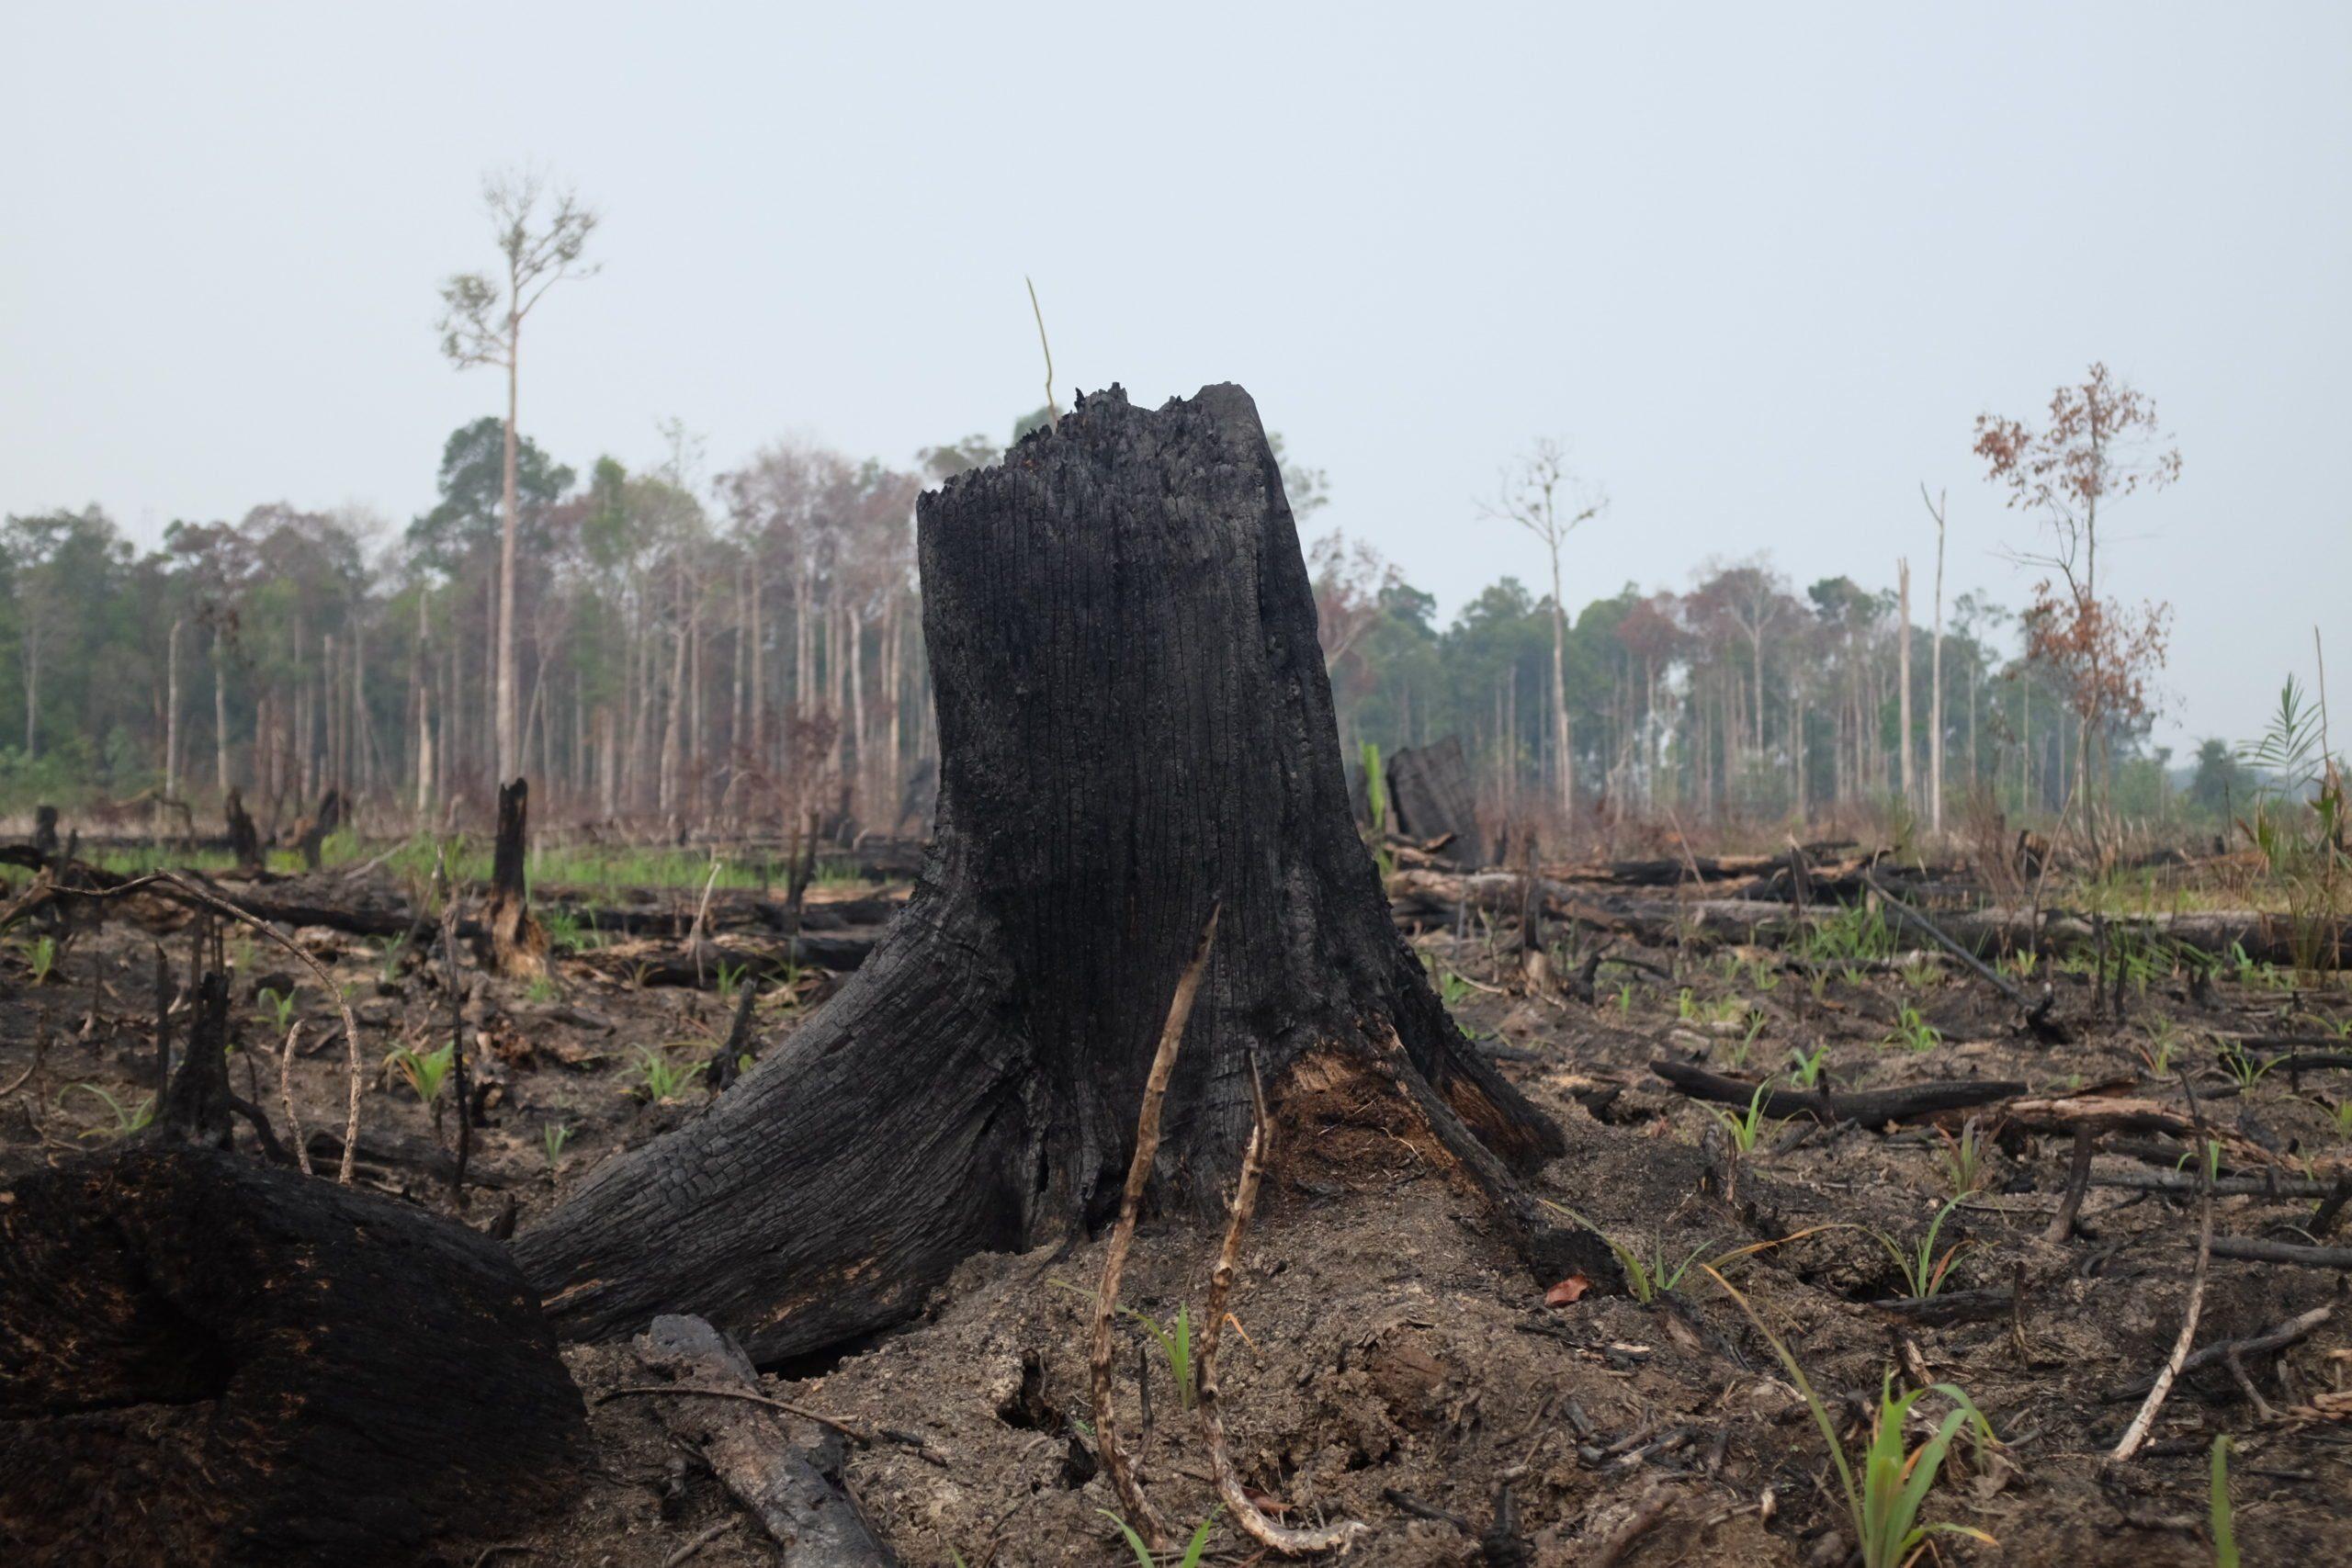 Forest Fire in Tesso Nilo Sumatera Indonesia